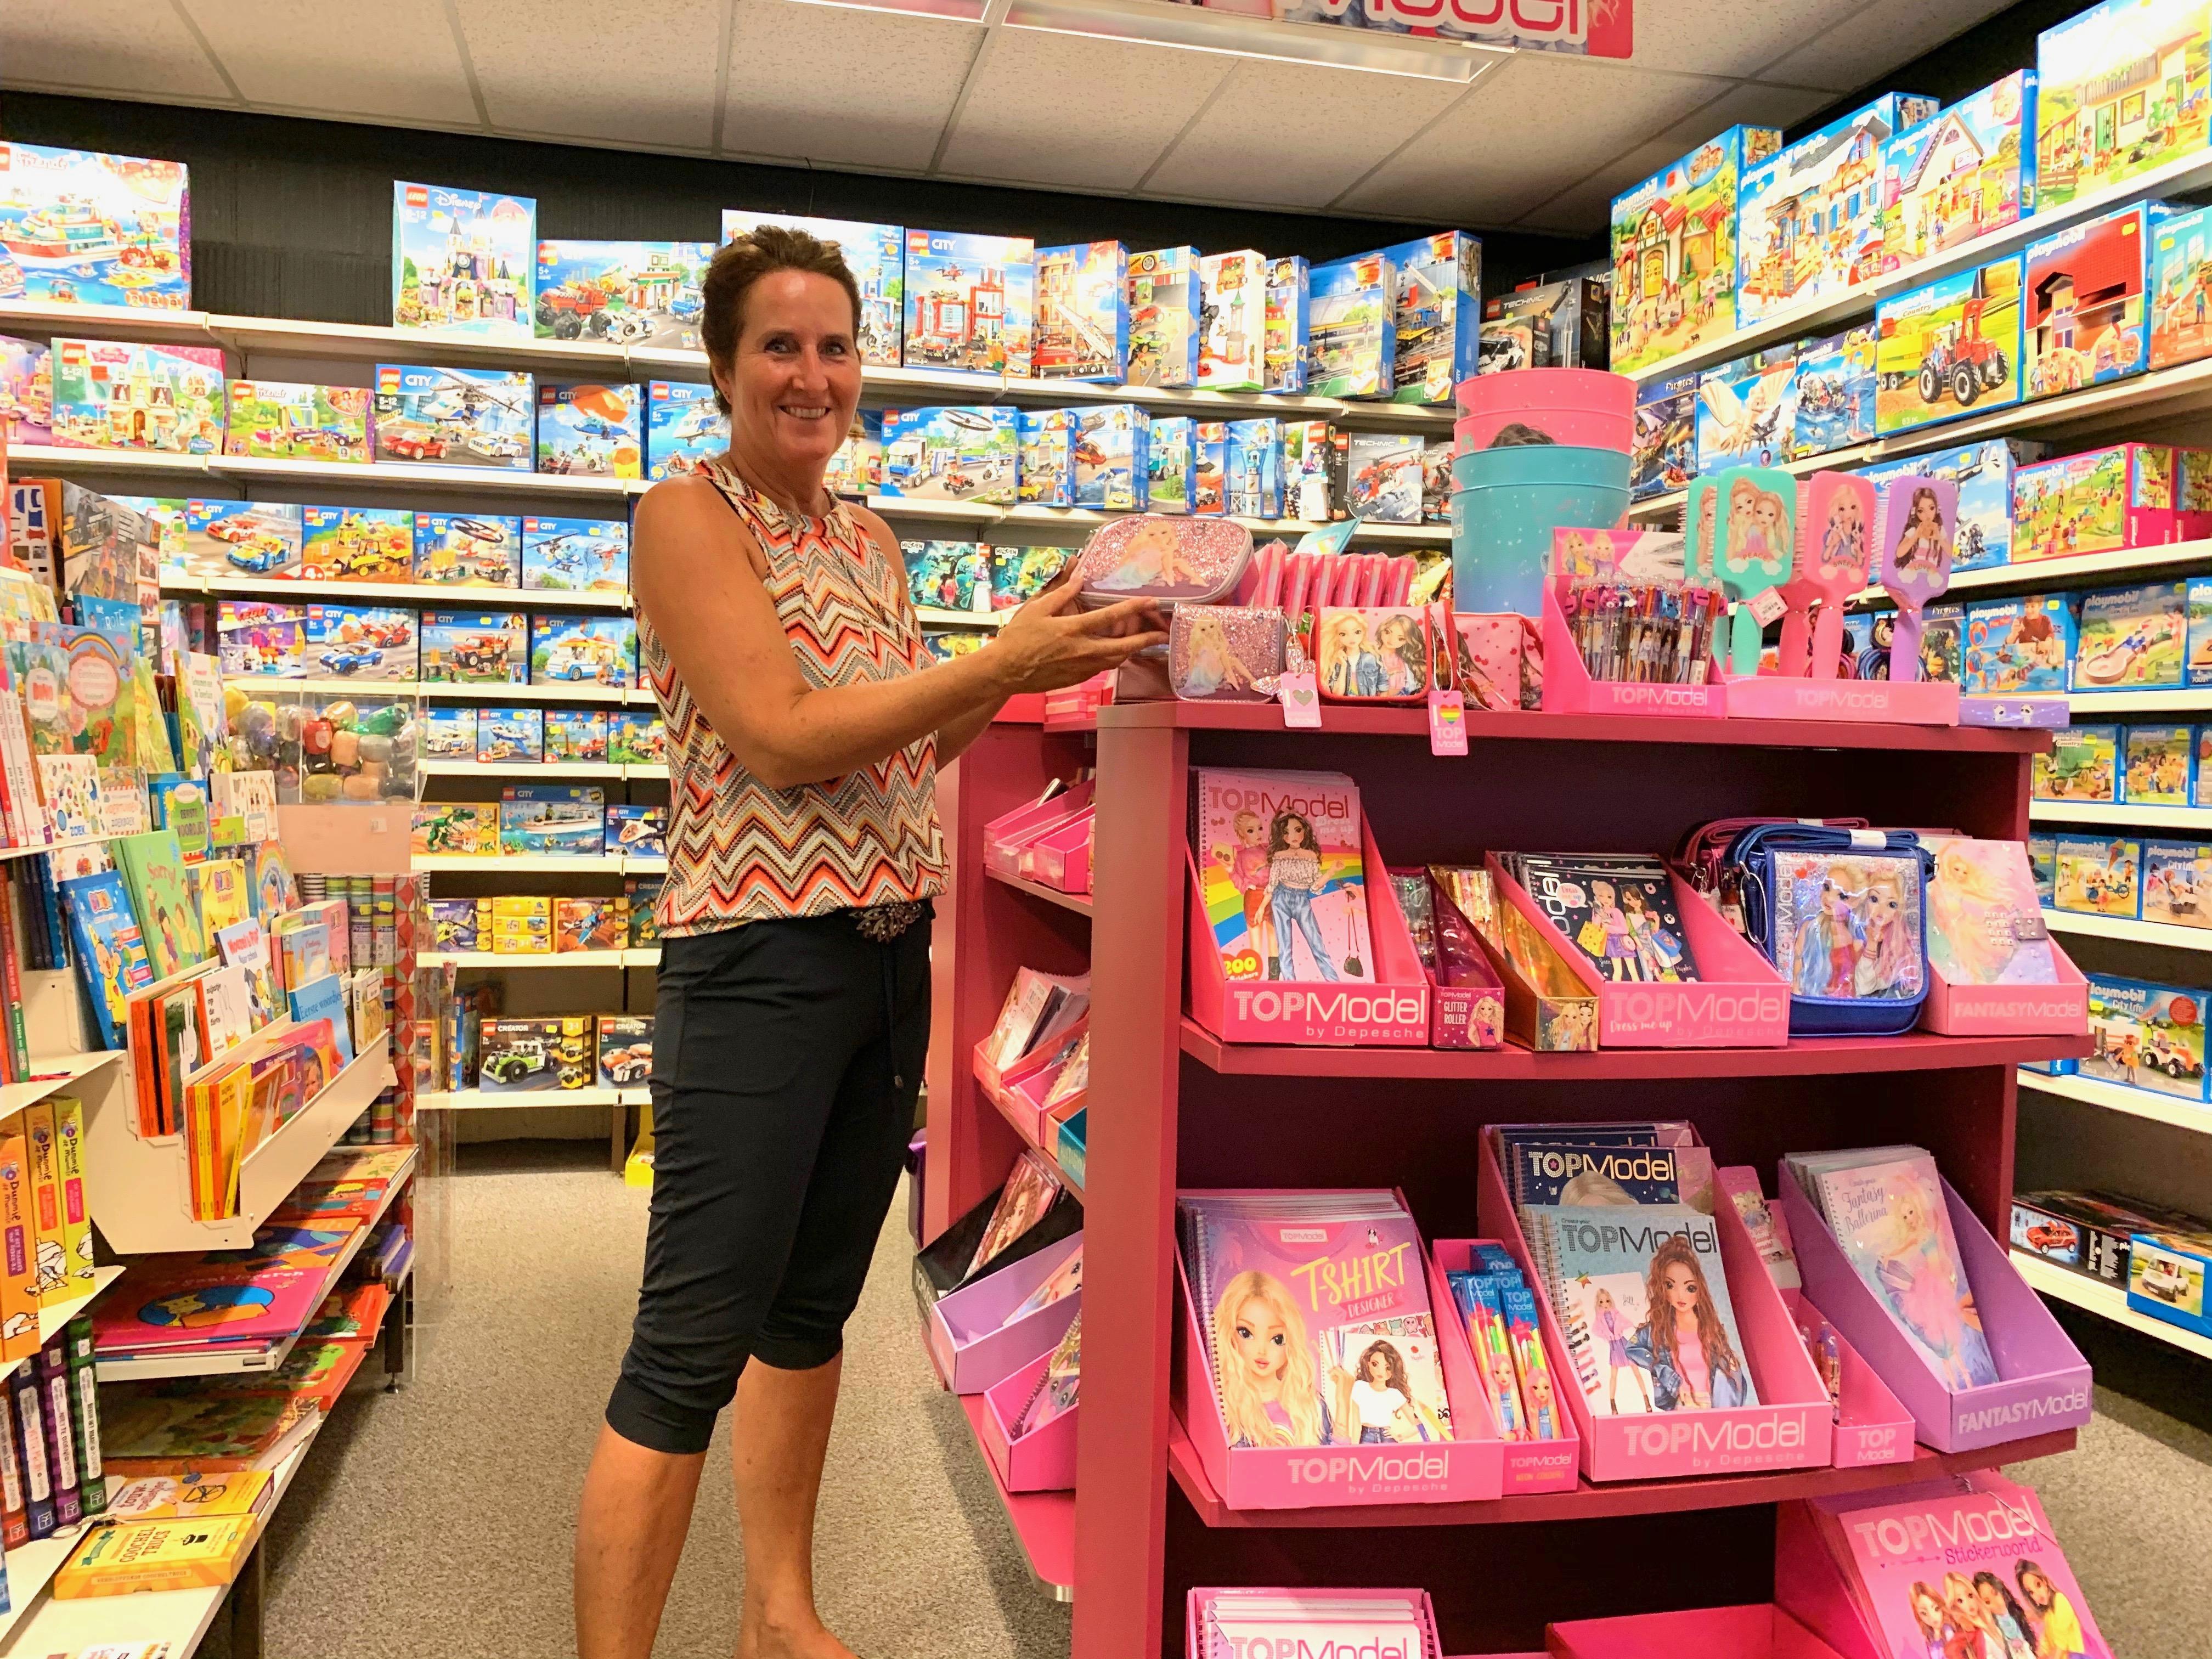 Westfriese winkels merken de gunfactor in de omzet. Puzzels, ham, of broodjes zijn soms niet aan te slepen